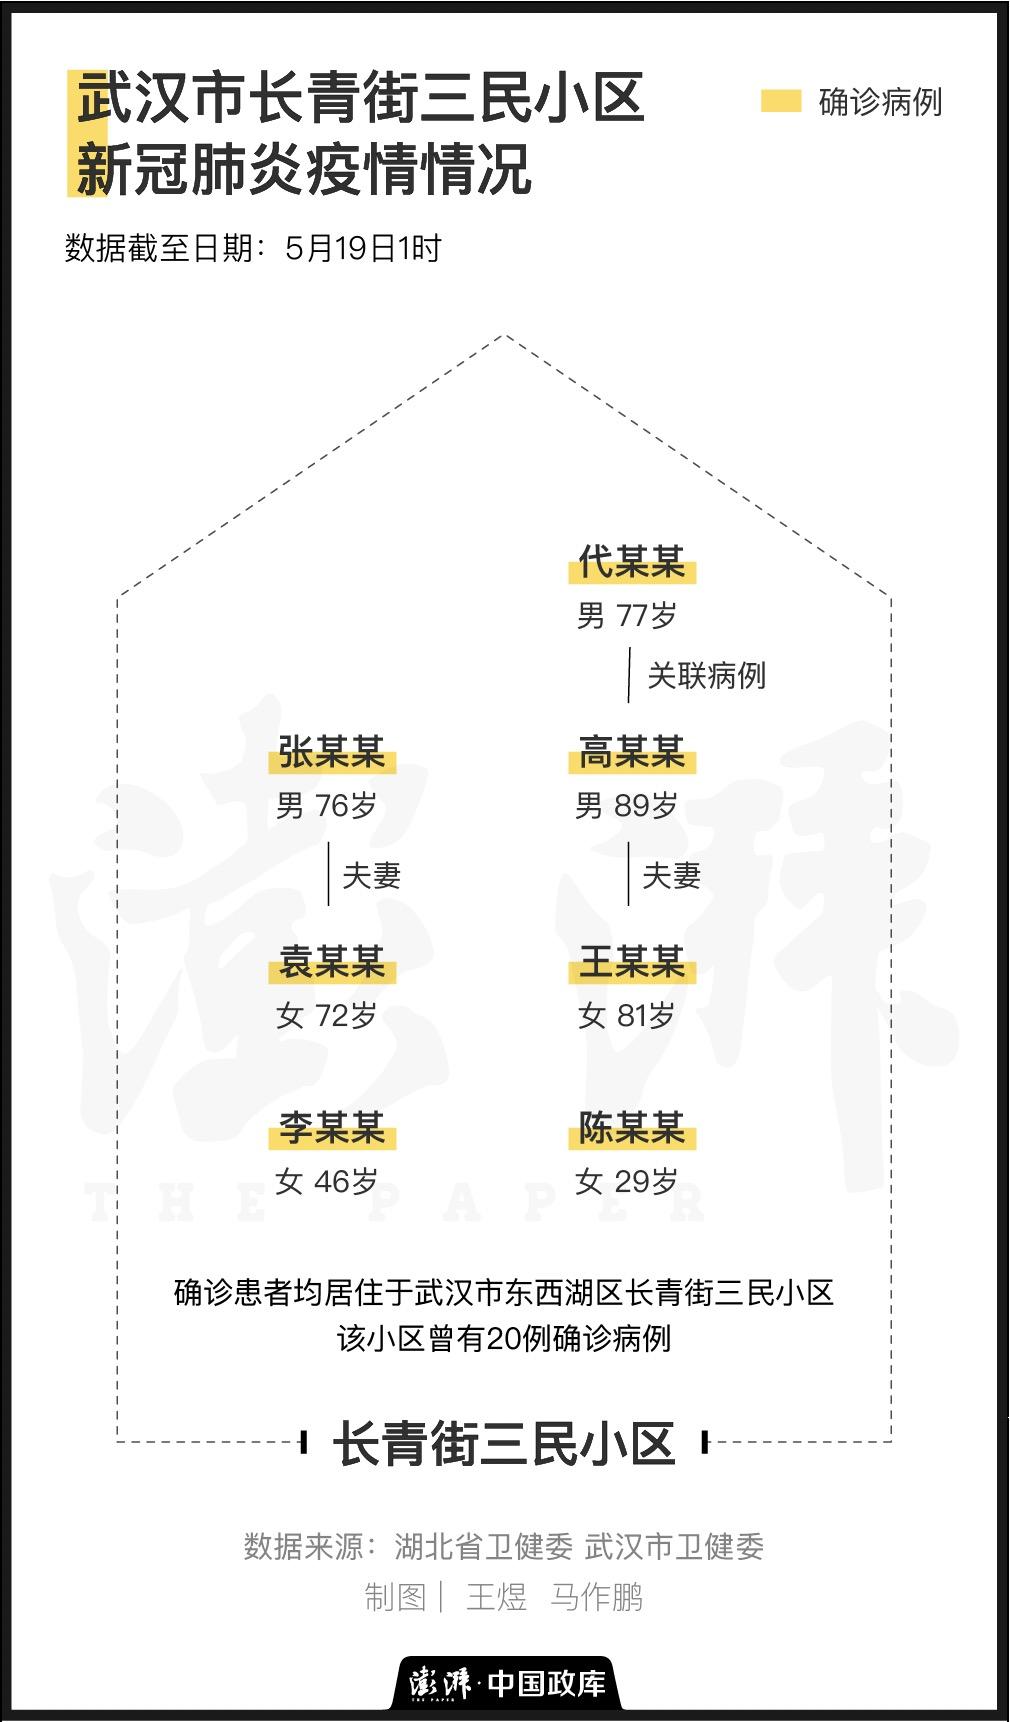 染新摩鑫注册冠肺炎均涉及同一个,摩鑫注册图片